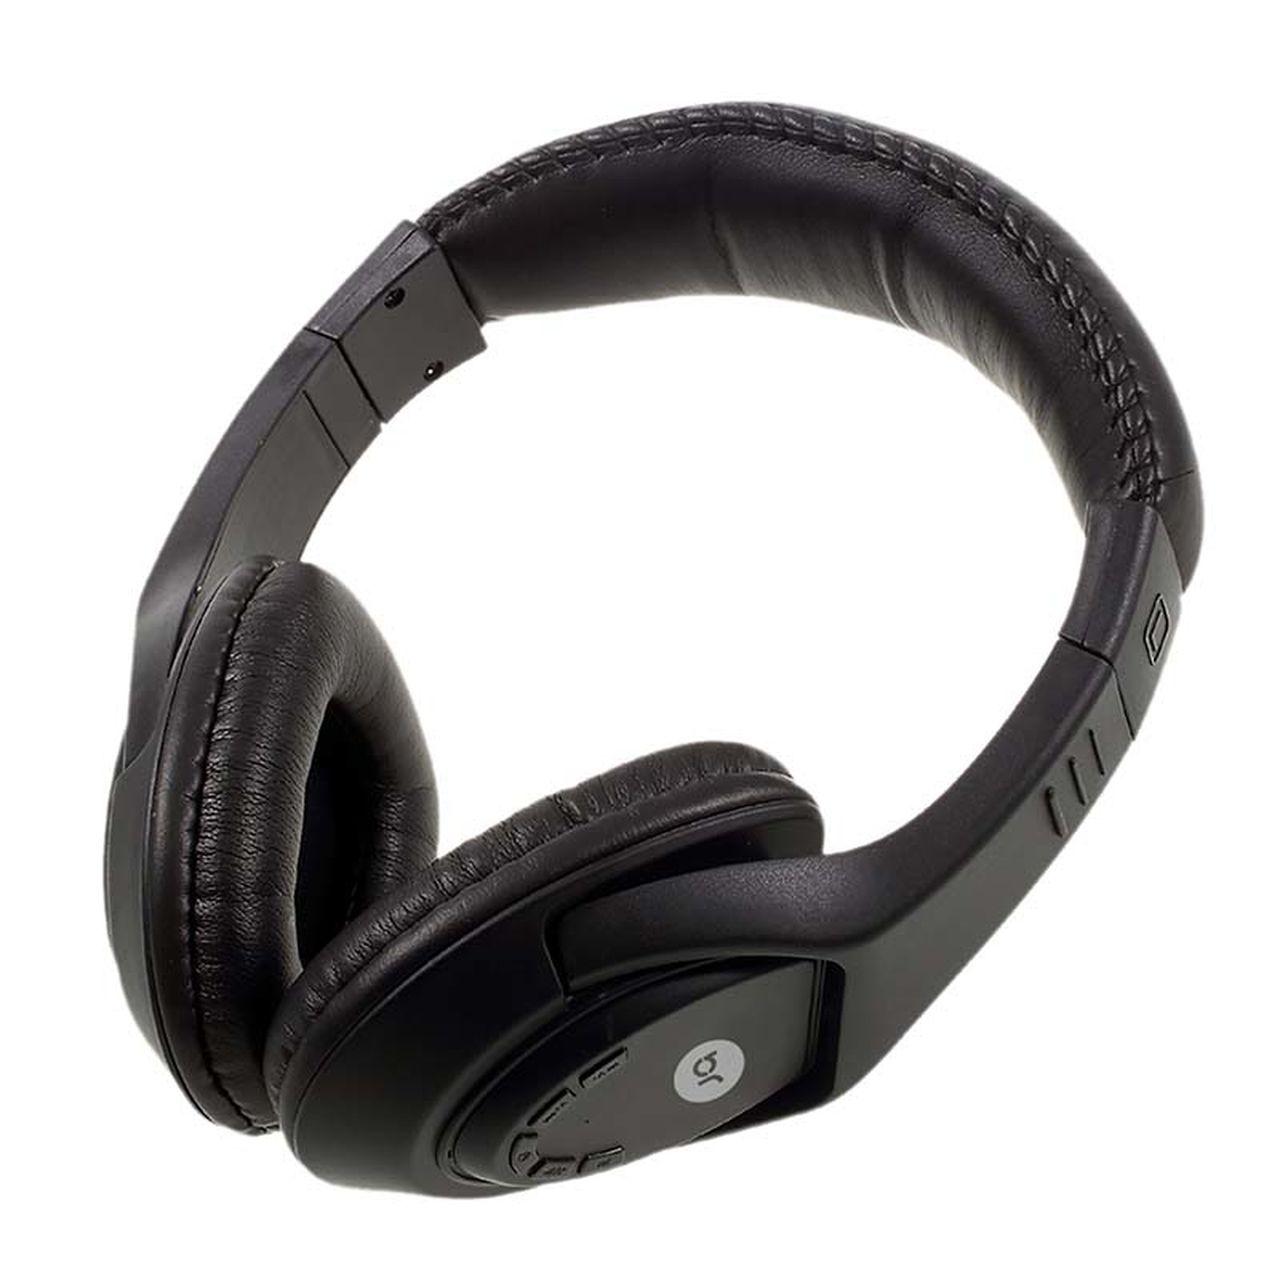 Fone de Ouvido Headphone Sem Fio Bluetooth entrada p/ cartão de memório + radio FM + microfone, 376 - Bright  - BRIGHT